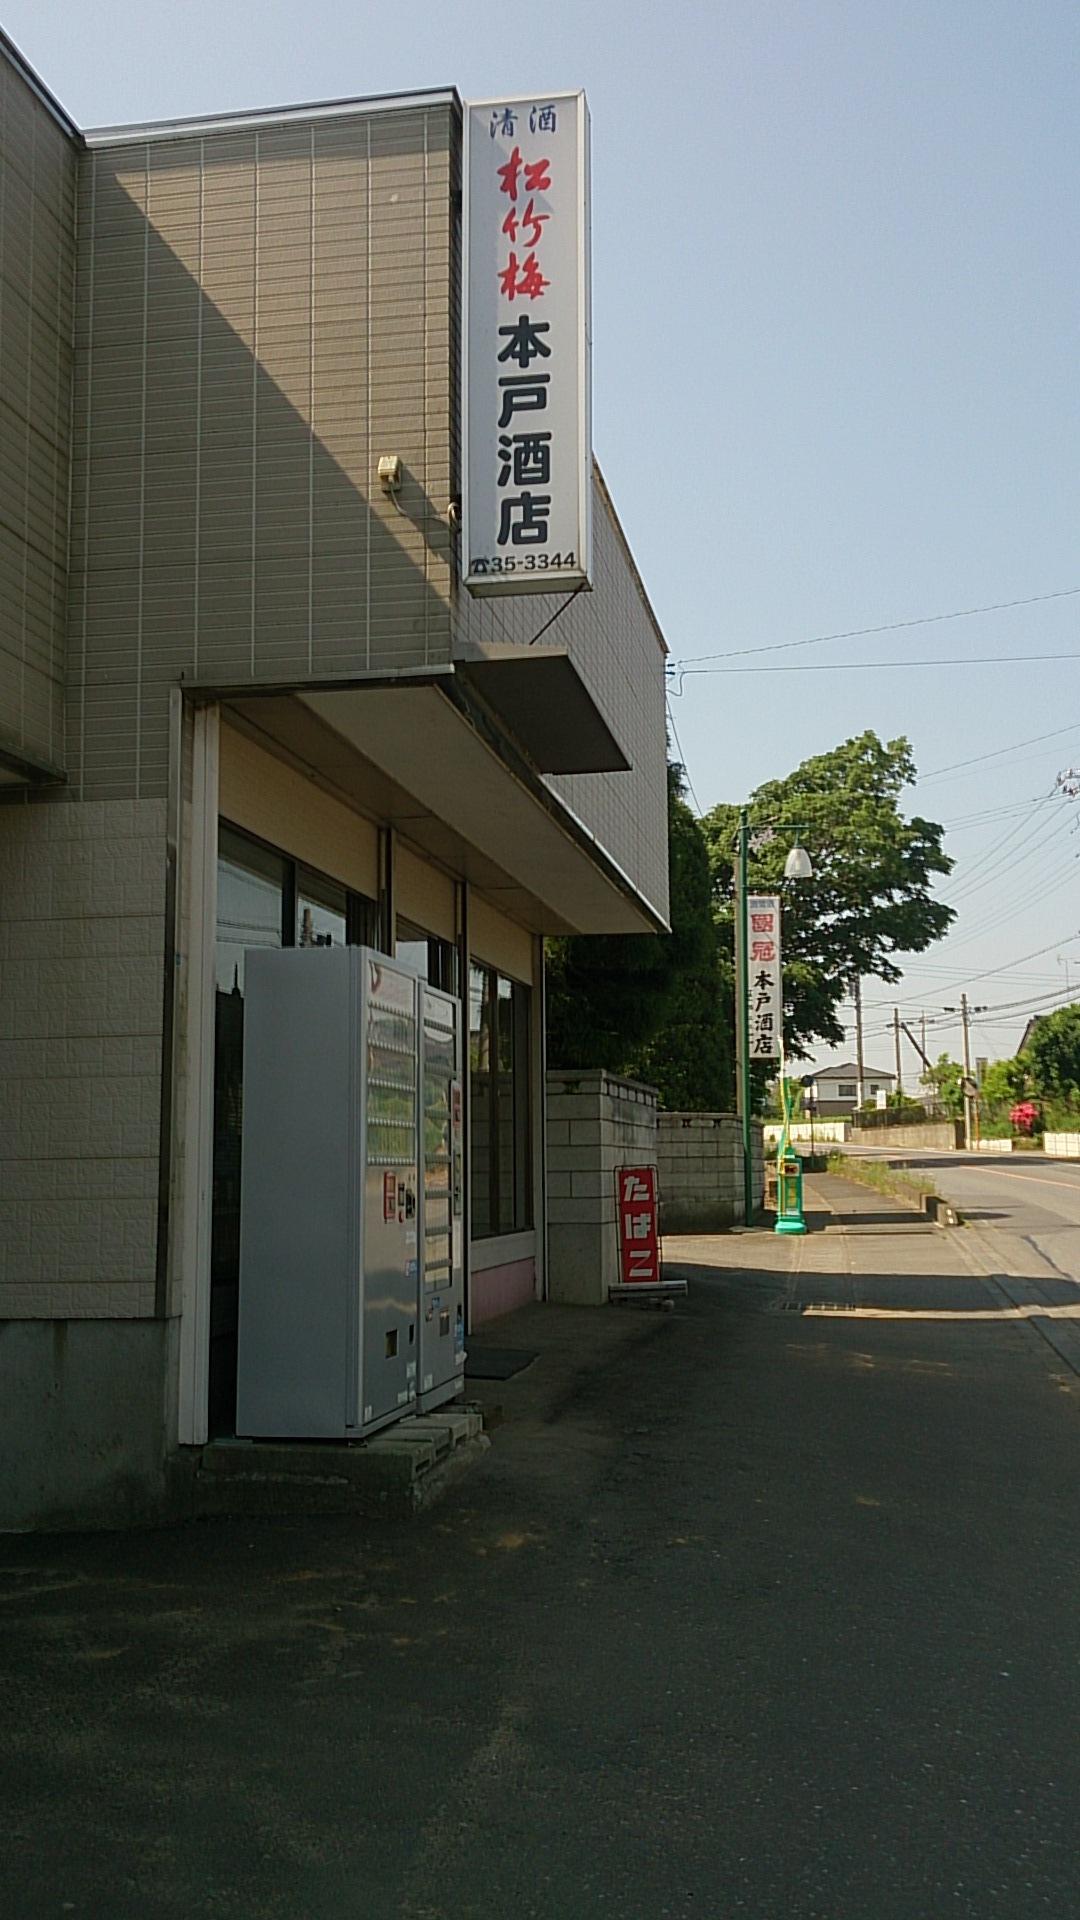 本戸酒店 name=